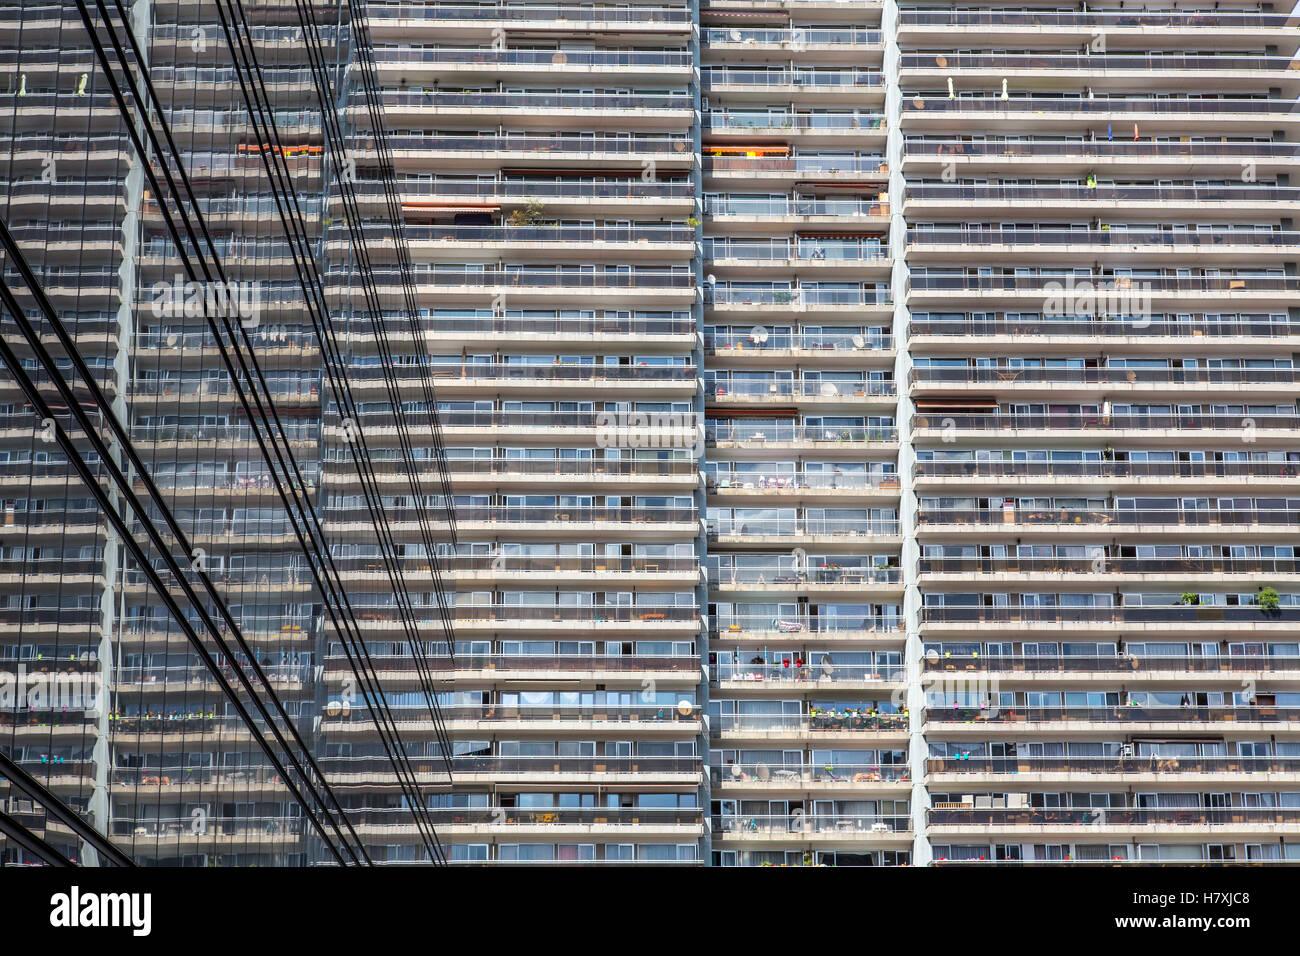 Brüssel, Belgien, High-Rise Gebäude auf dem Gare du Nord, viele ...